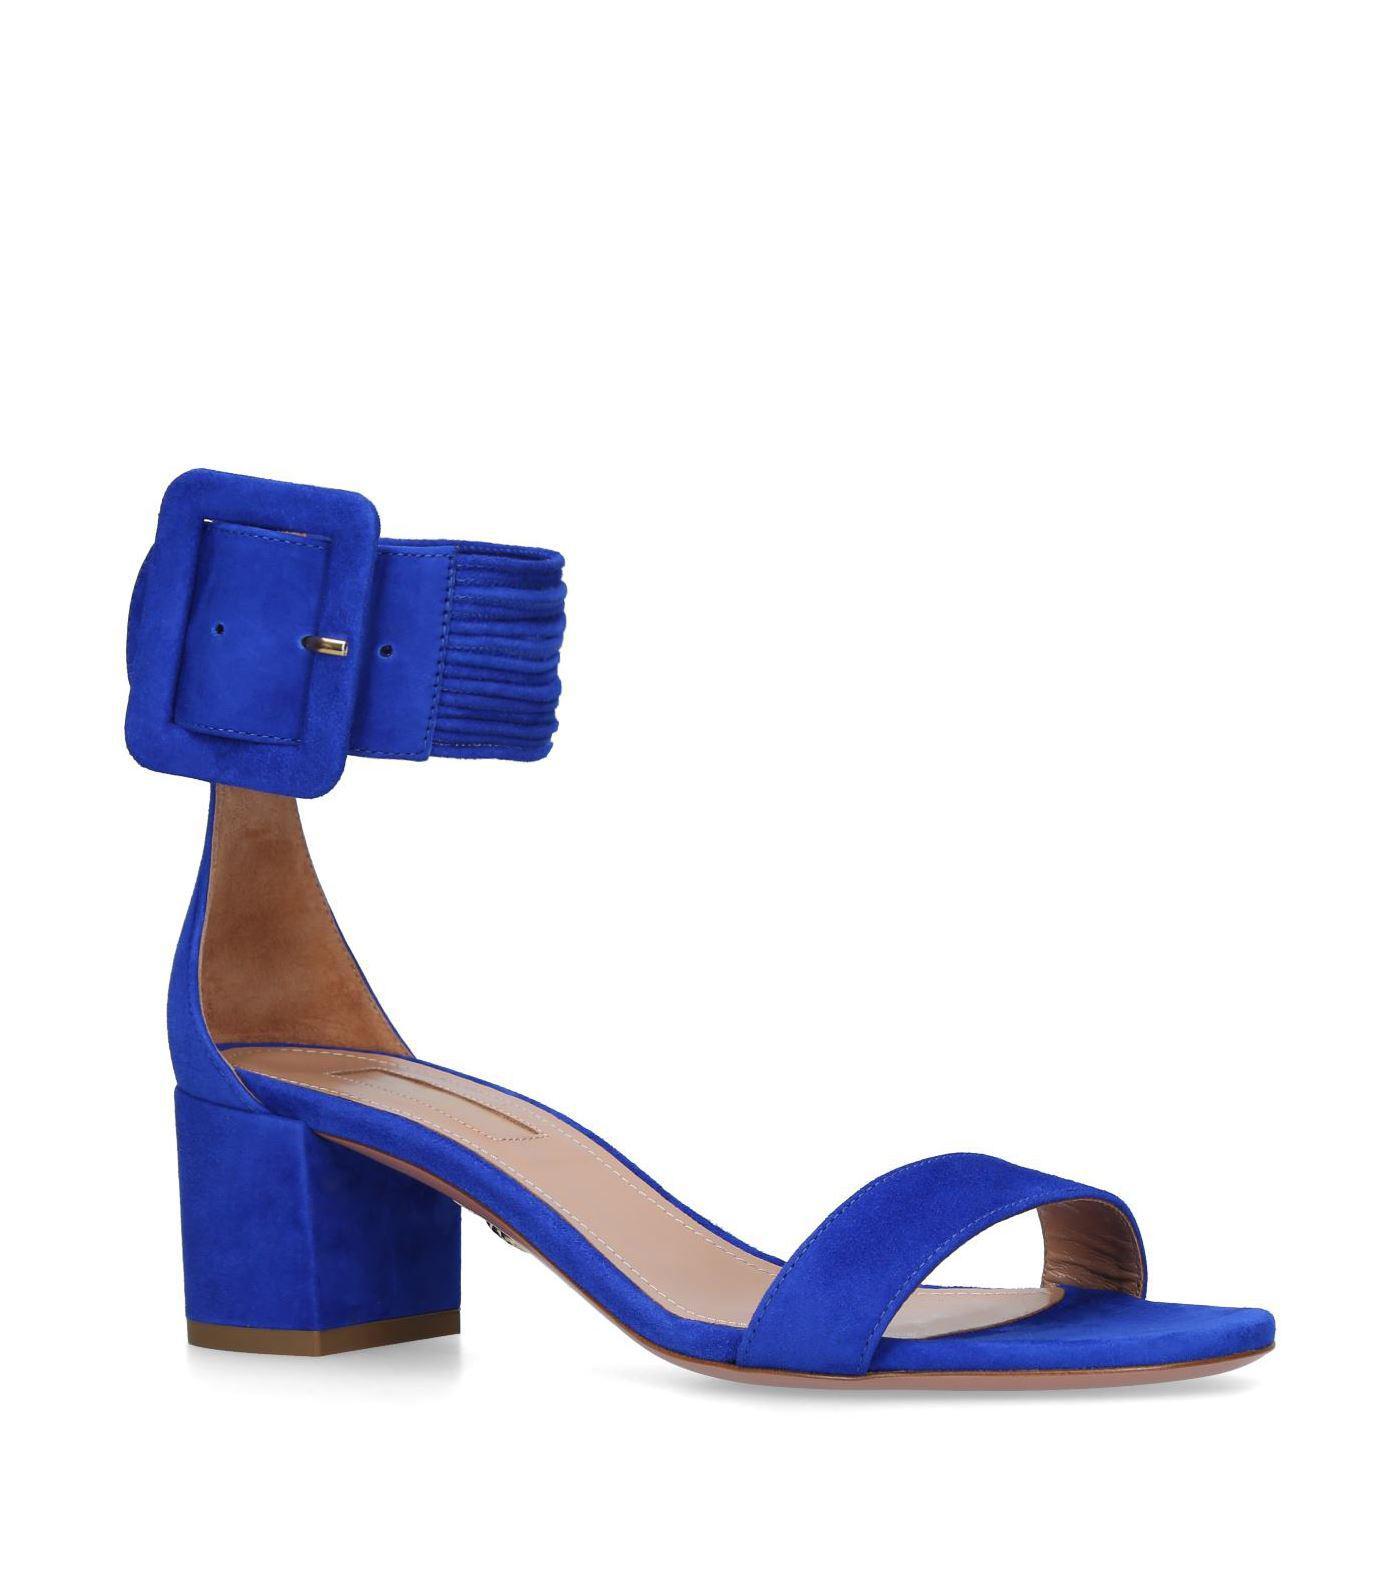 Casablanca Sandals 50 in Iris Suede Aquazzura 42kAGQF